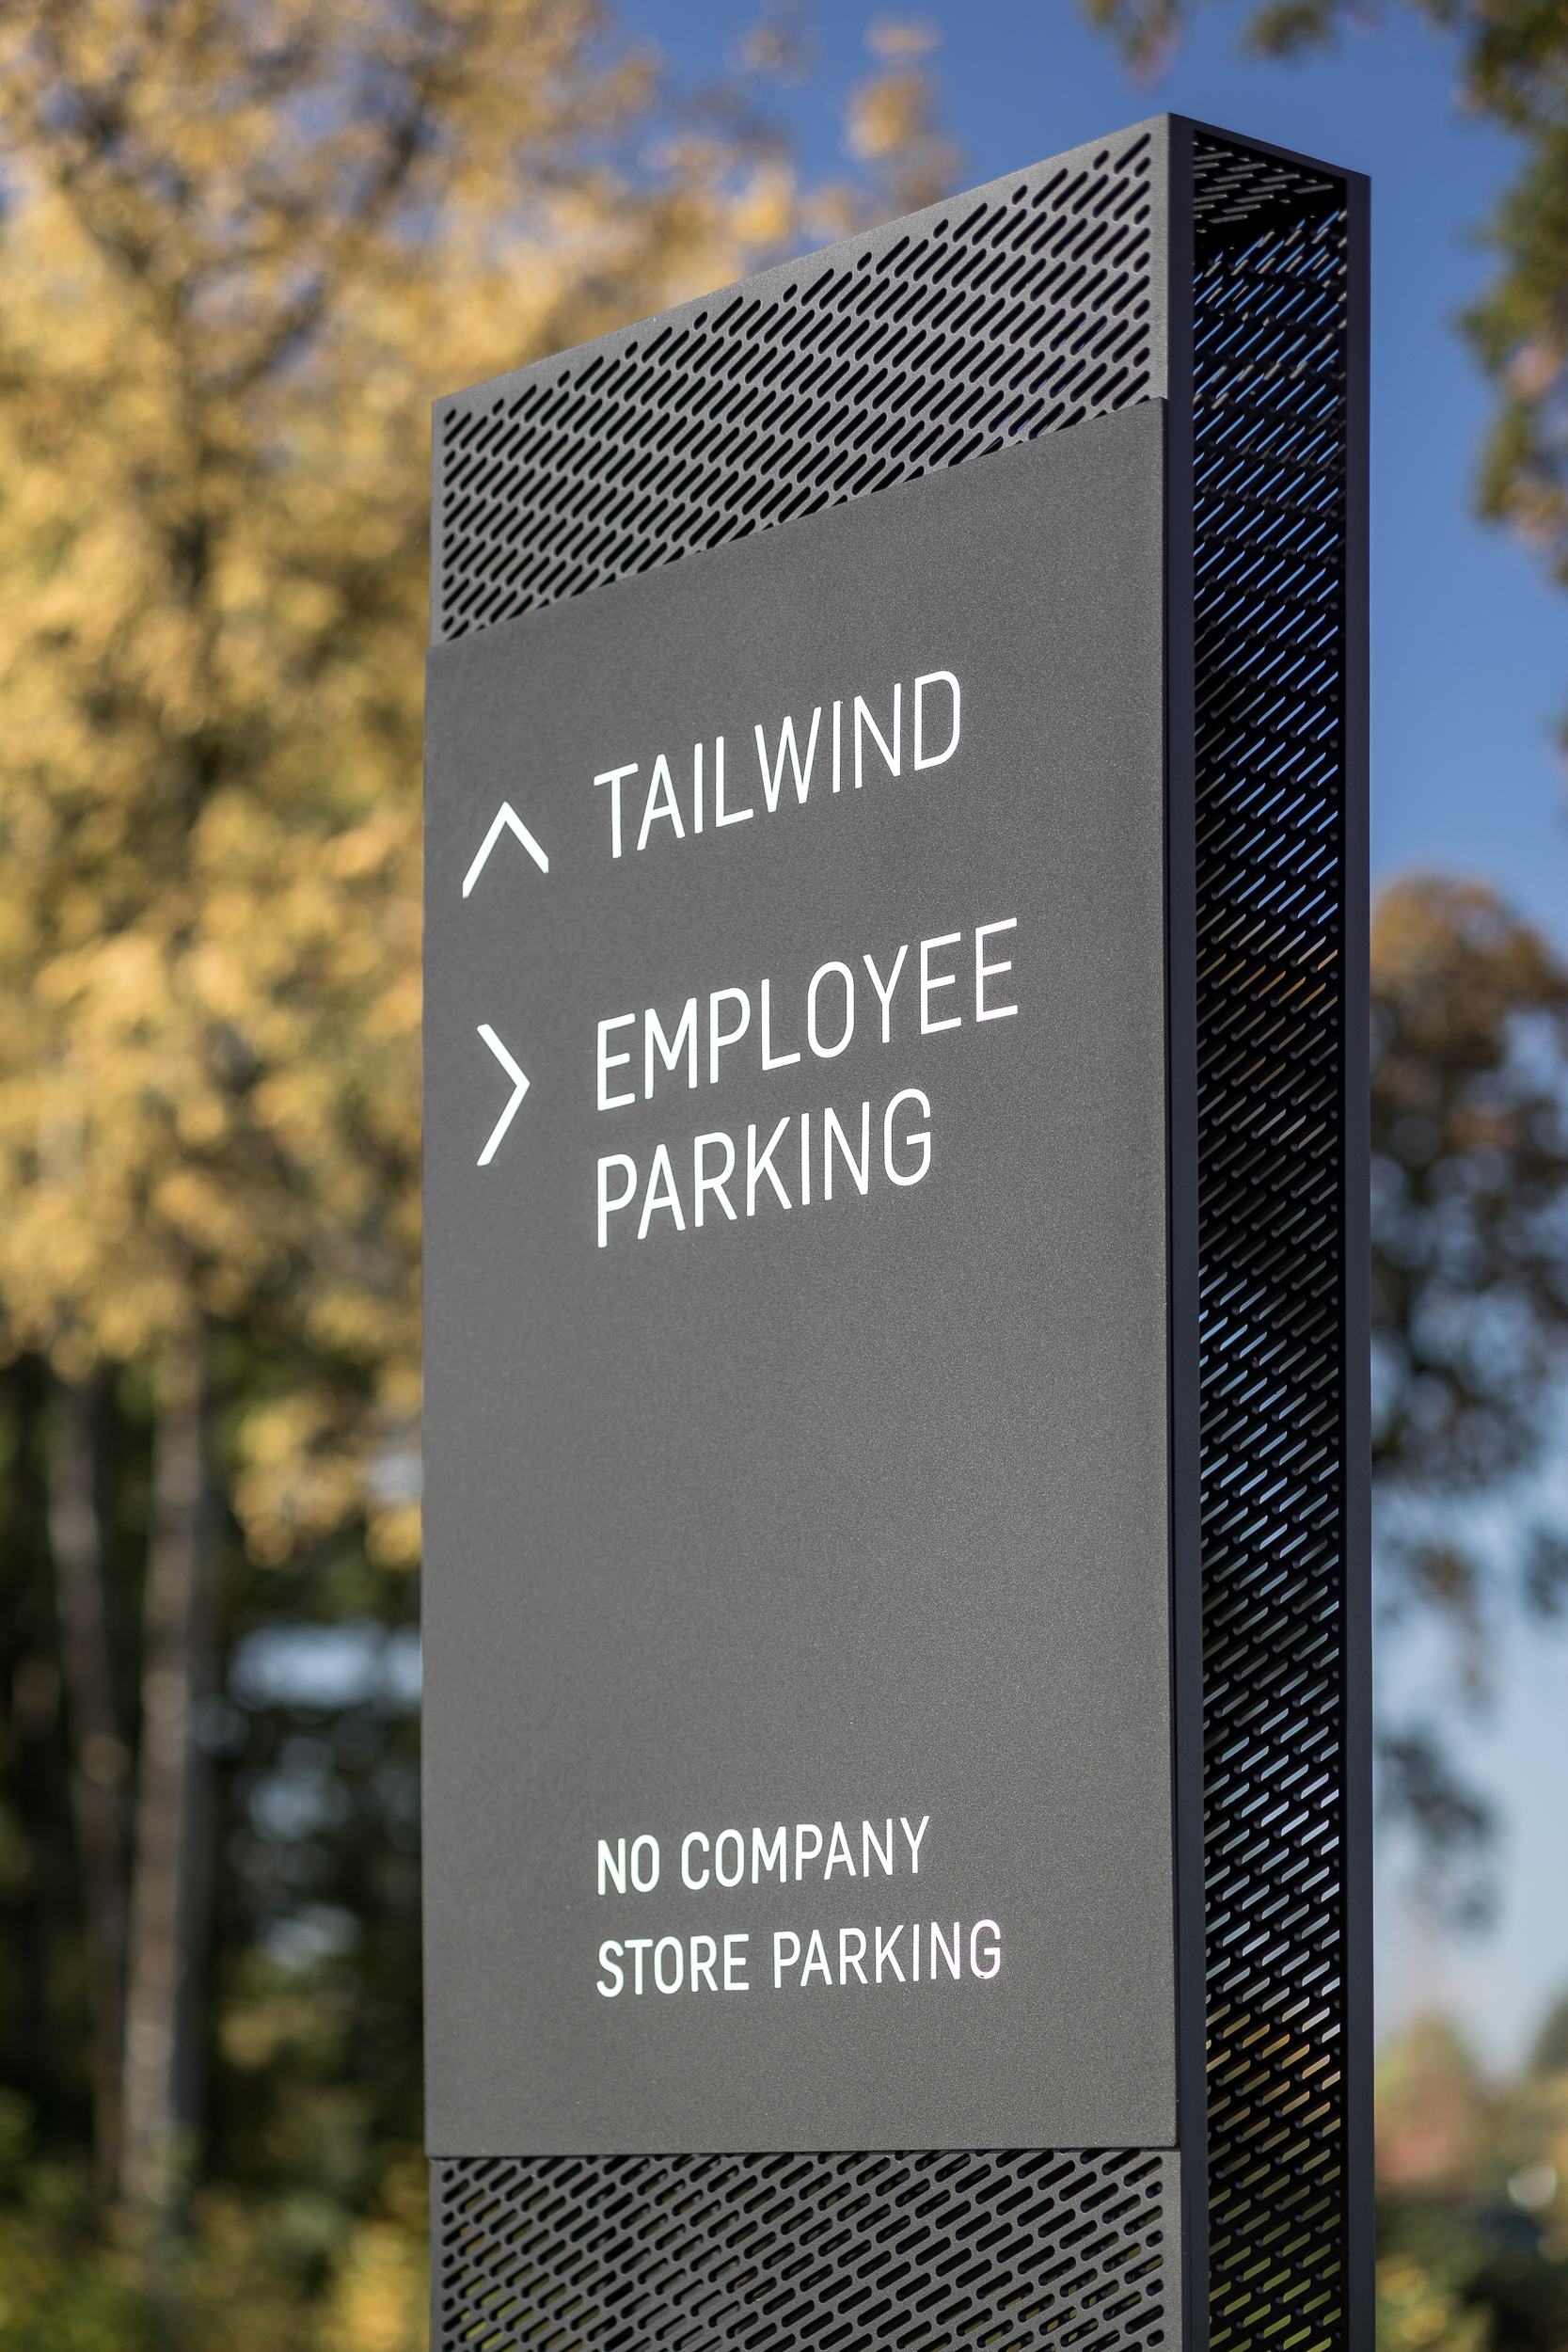 05-Tailwind-signage-JoshPartee-9425.jpg